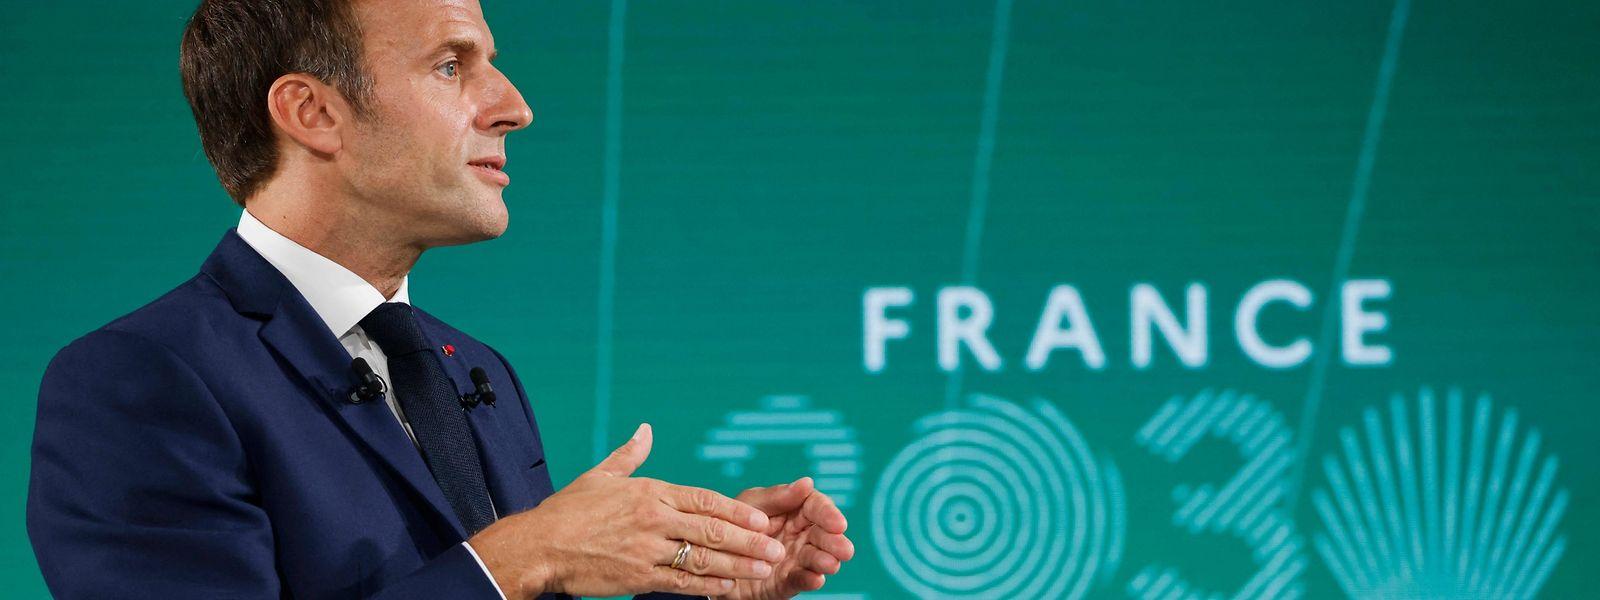 """Discours présidentiel ou annonce de campagne électorale? Le plan """"France 2030"""" tenait sans doute un peu des deux."""